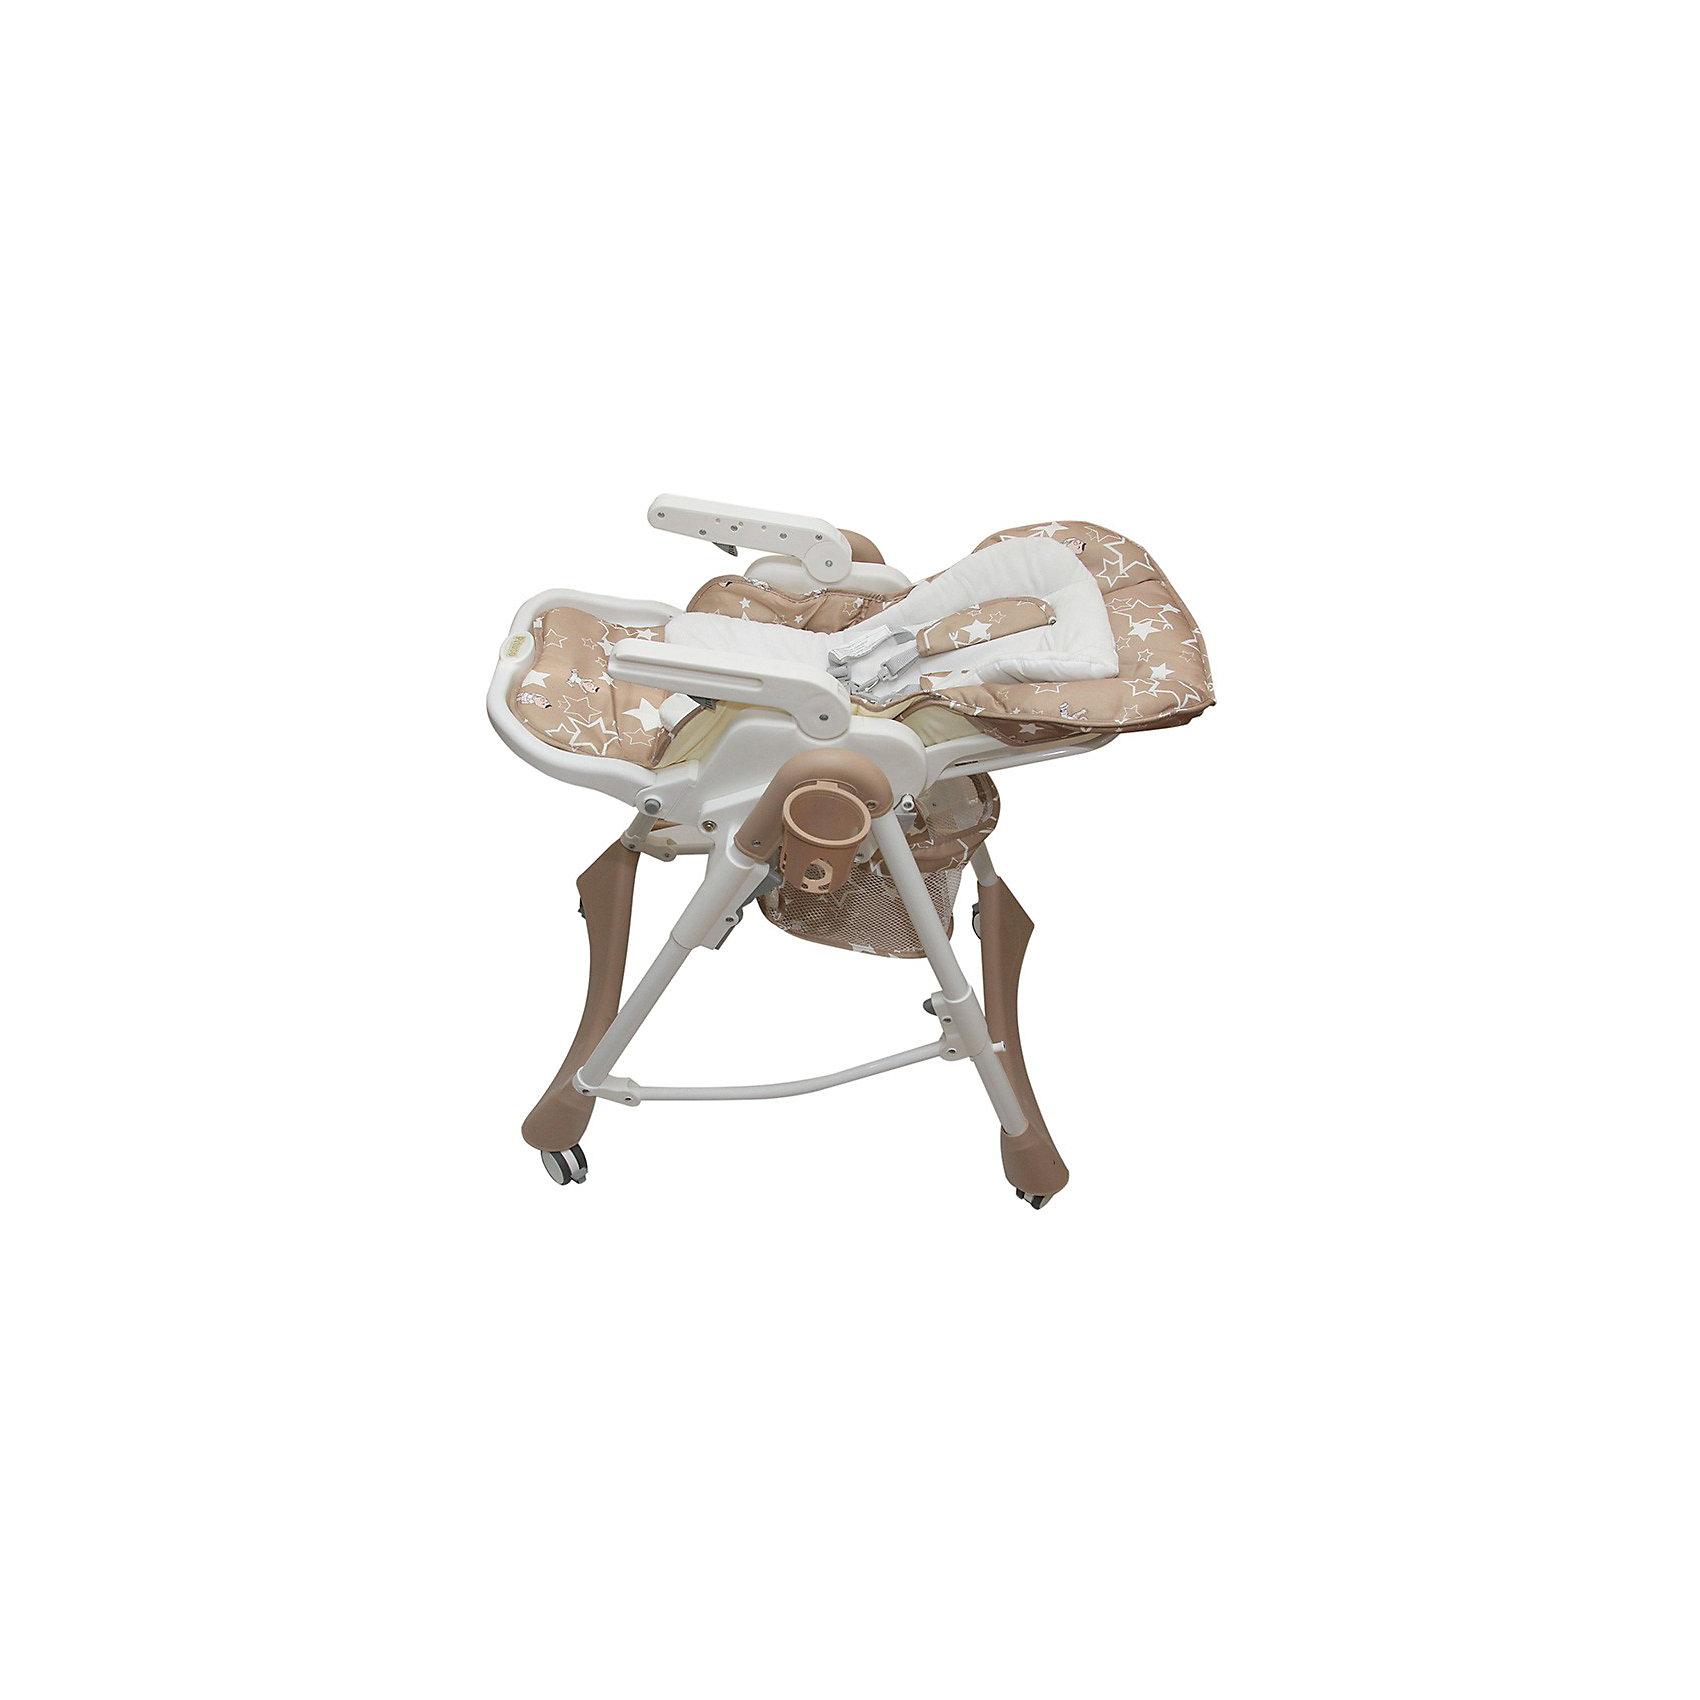 Стульчик для кормления Nana, Pituso, бежевыйот +6 месяцев<br>Качественный удобный стульчик для кормления Nana позволит посадить ребенка, не беспокоясь при этом о его безопасности. Яркий цвет изделия привлечет внимание малыша. Эта модель очень удобна: есть тканевый чехол с водонепроницаемой пропиткой и мягкий съемный велюровый вкладыш, пятиточечный ремень безопасности. Спинка и уровень высоты сиденья регулируются. Есть корзина для игрушек и подстаканник.<br>Обивка столика устойчива к загрязнениям и легко чистится! Конструкция  - очень устойчивая. Изделие произведено из качественных и безопасных для малышей материалов, оно соответствуют всем современным требованиям безопасности.<br> <br>Дополнительная информация:<br><br>цвет: бежевый;<br>съемный тканевый чехол с водонепроницаемой пропиткой;<br>мягкий съемный велюровый вкладыш;<br>5-ти точечные ремни безопасности;<br>5 уровней высоты сиденья;<br>3 уровня положения спинки, положение лежа ;<br>регулируемая в трех положениях подножка;<br>Четыре колеса облегчают маневрирование<br>тормоз на всех колесах обеспечивает устойчивое положение;<br>съемная регулируемая в трех положениях столешница и съемным подносом;<br>регулировка положения подноса одной рукой;<br>съемный подстаканник;<br>большая, съемная корзина для игрушек;<br>компактно складывается и удобен для хранения;<br>максимальная нагрузка: 20 кг;<br>вес: 10 кг;<br>возраст: от 6 месяцев;<br>размер в разложенном состоянии: 48х27х72,5 см.<br><br>Стульчик для кормления Nana, бежевый, от компании Pituso можно купить в нашем магазине.<br><br>Ширина мм: 475<br>Глубина мм: 265<br>Высота мм: 725<br>Вес г: 10200<br>Возраст от месяцев: 6<br>Возраст до месяцев: 36<br>Пол: Унисекс<br>Возраст: Детский<br>SKU: 4720054